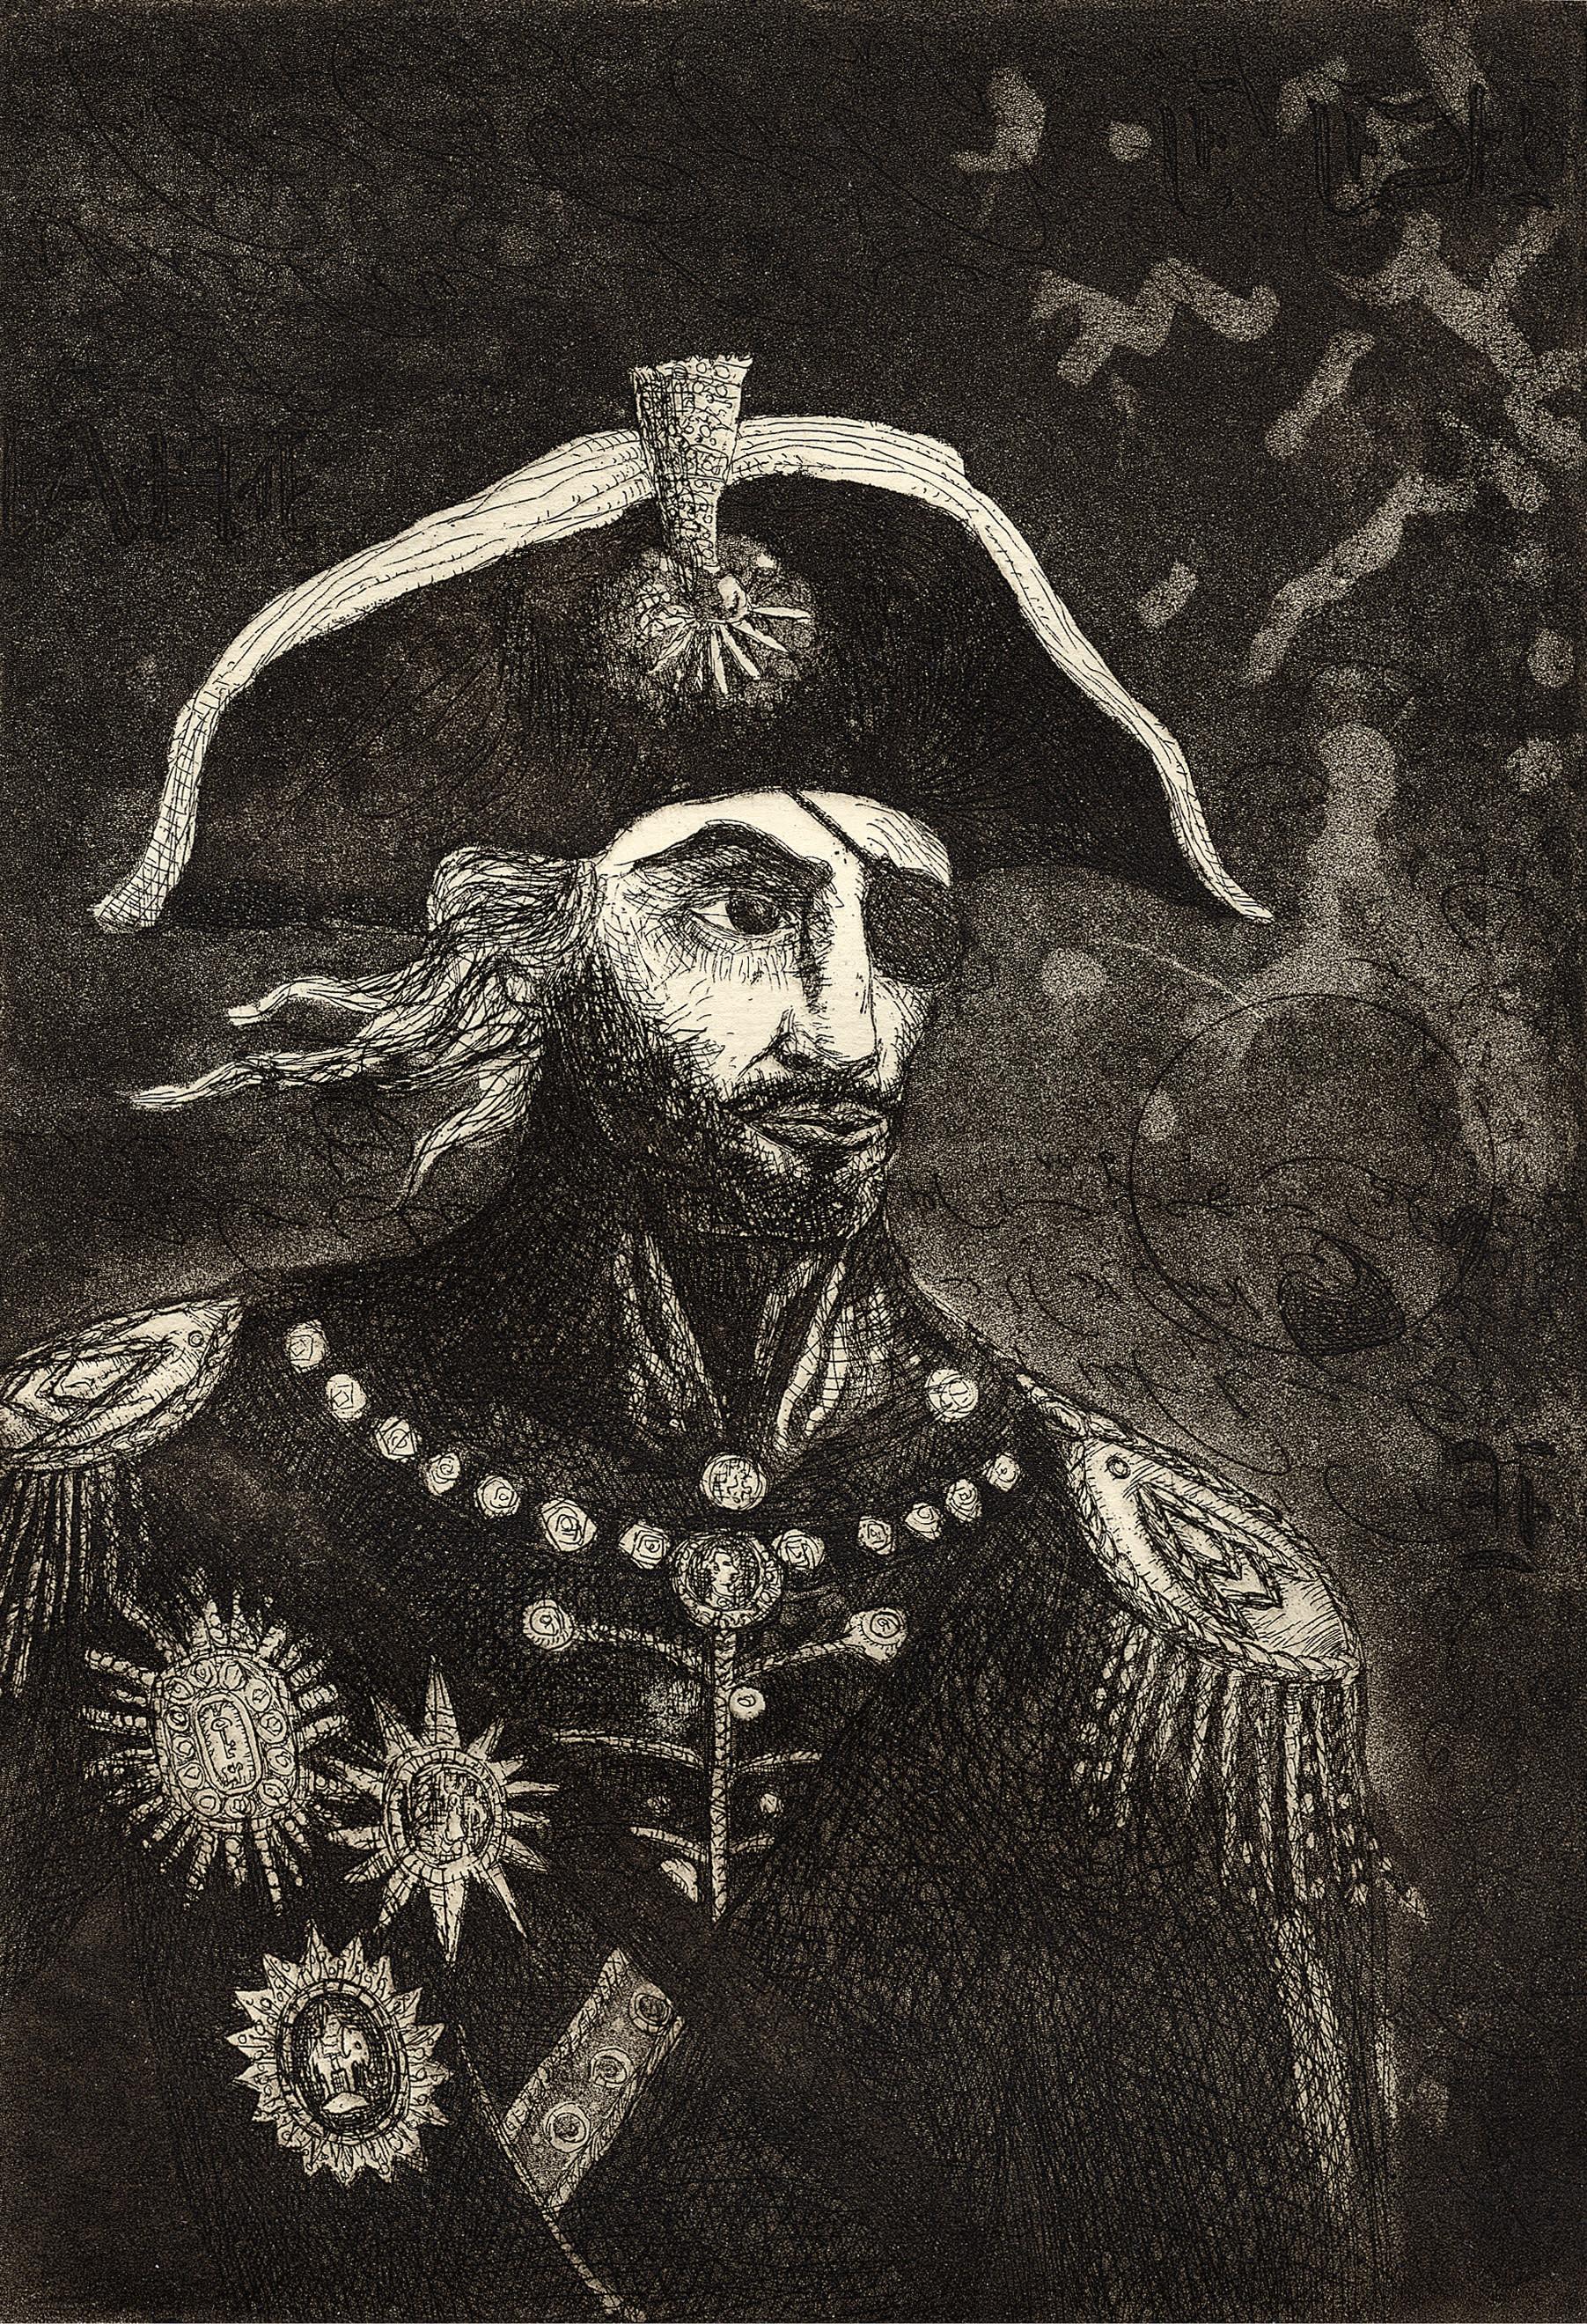 Admiral nr26wq